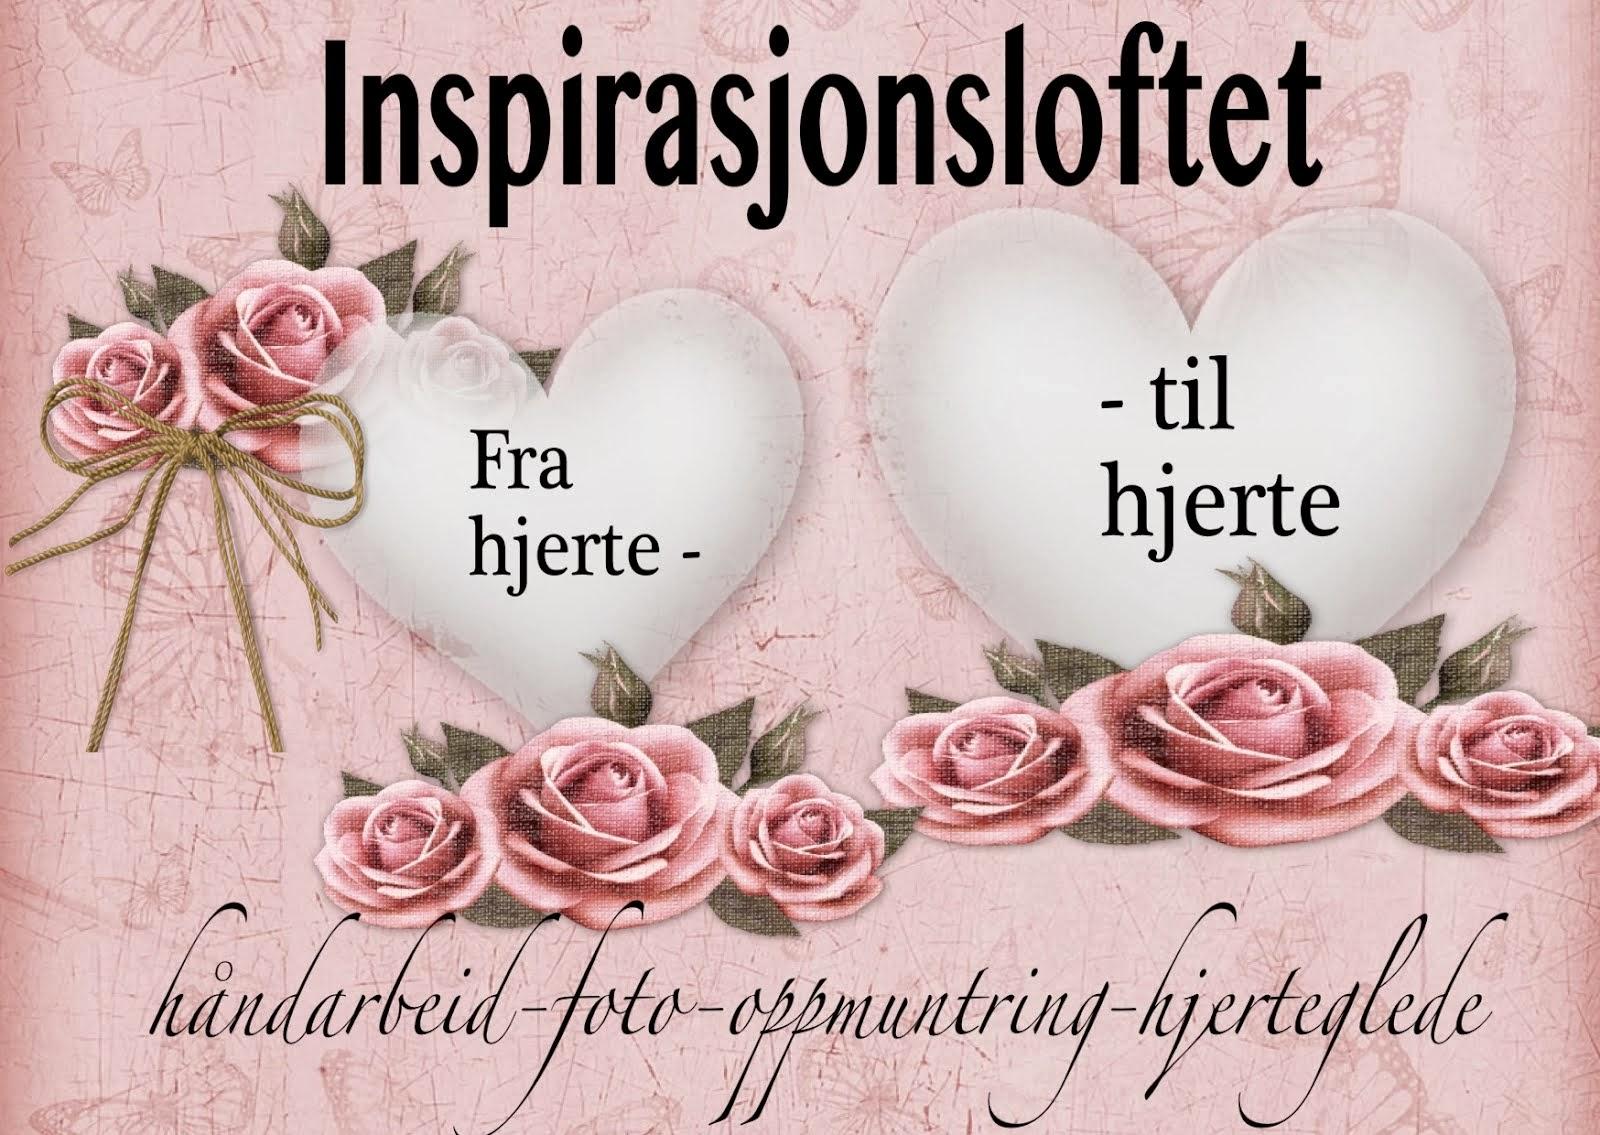 Inspirasjonsloftet